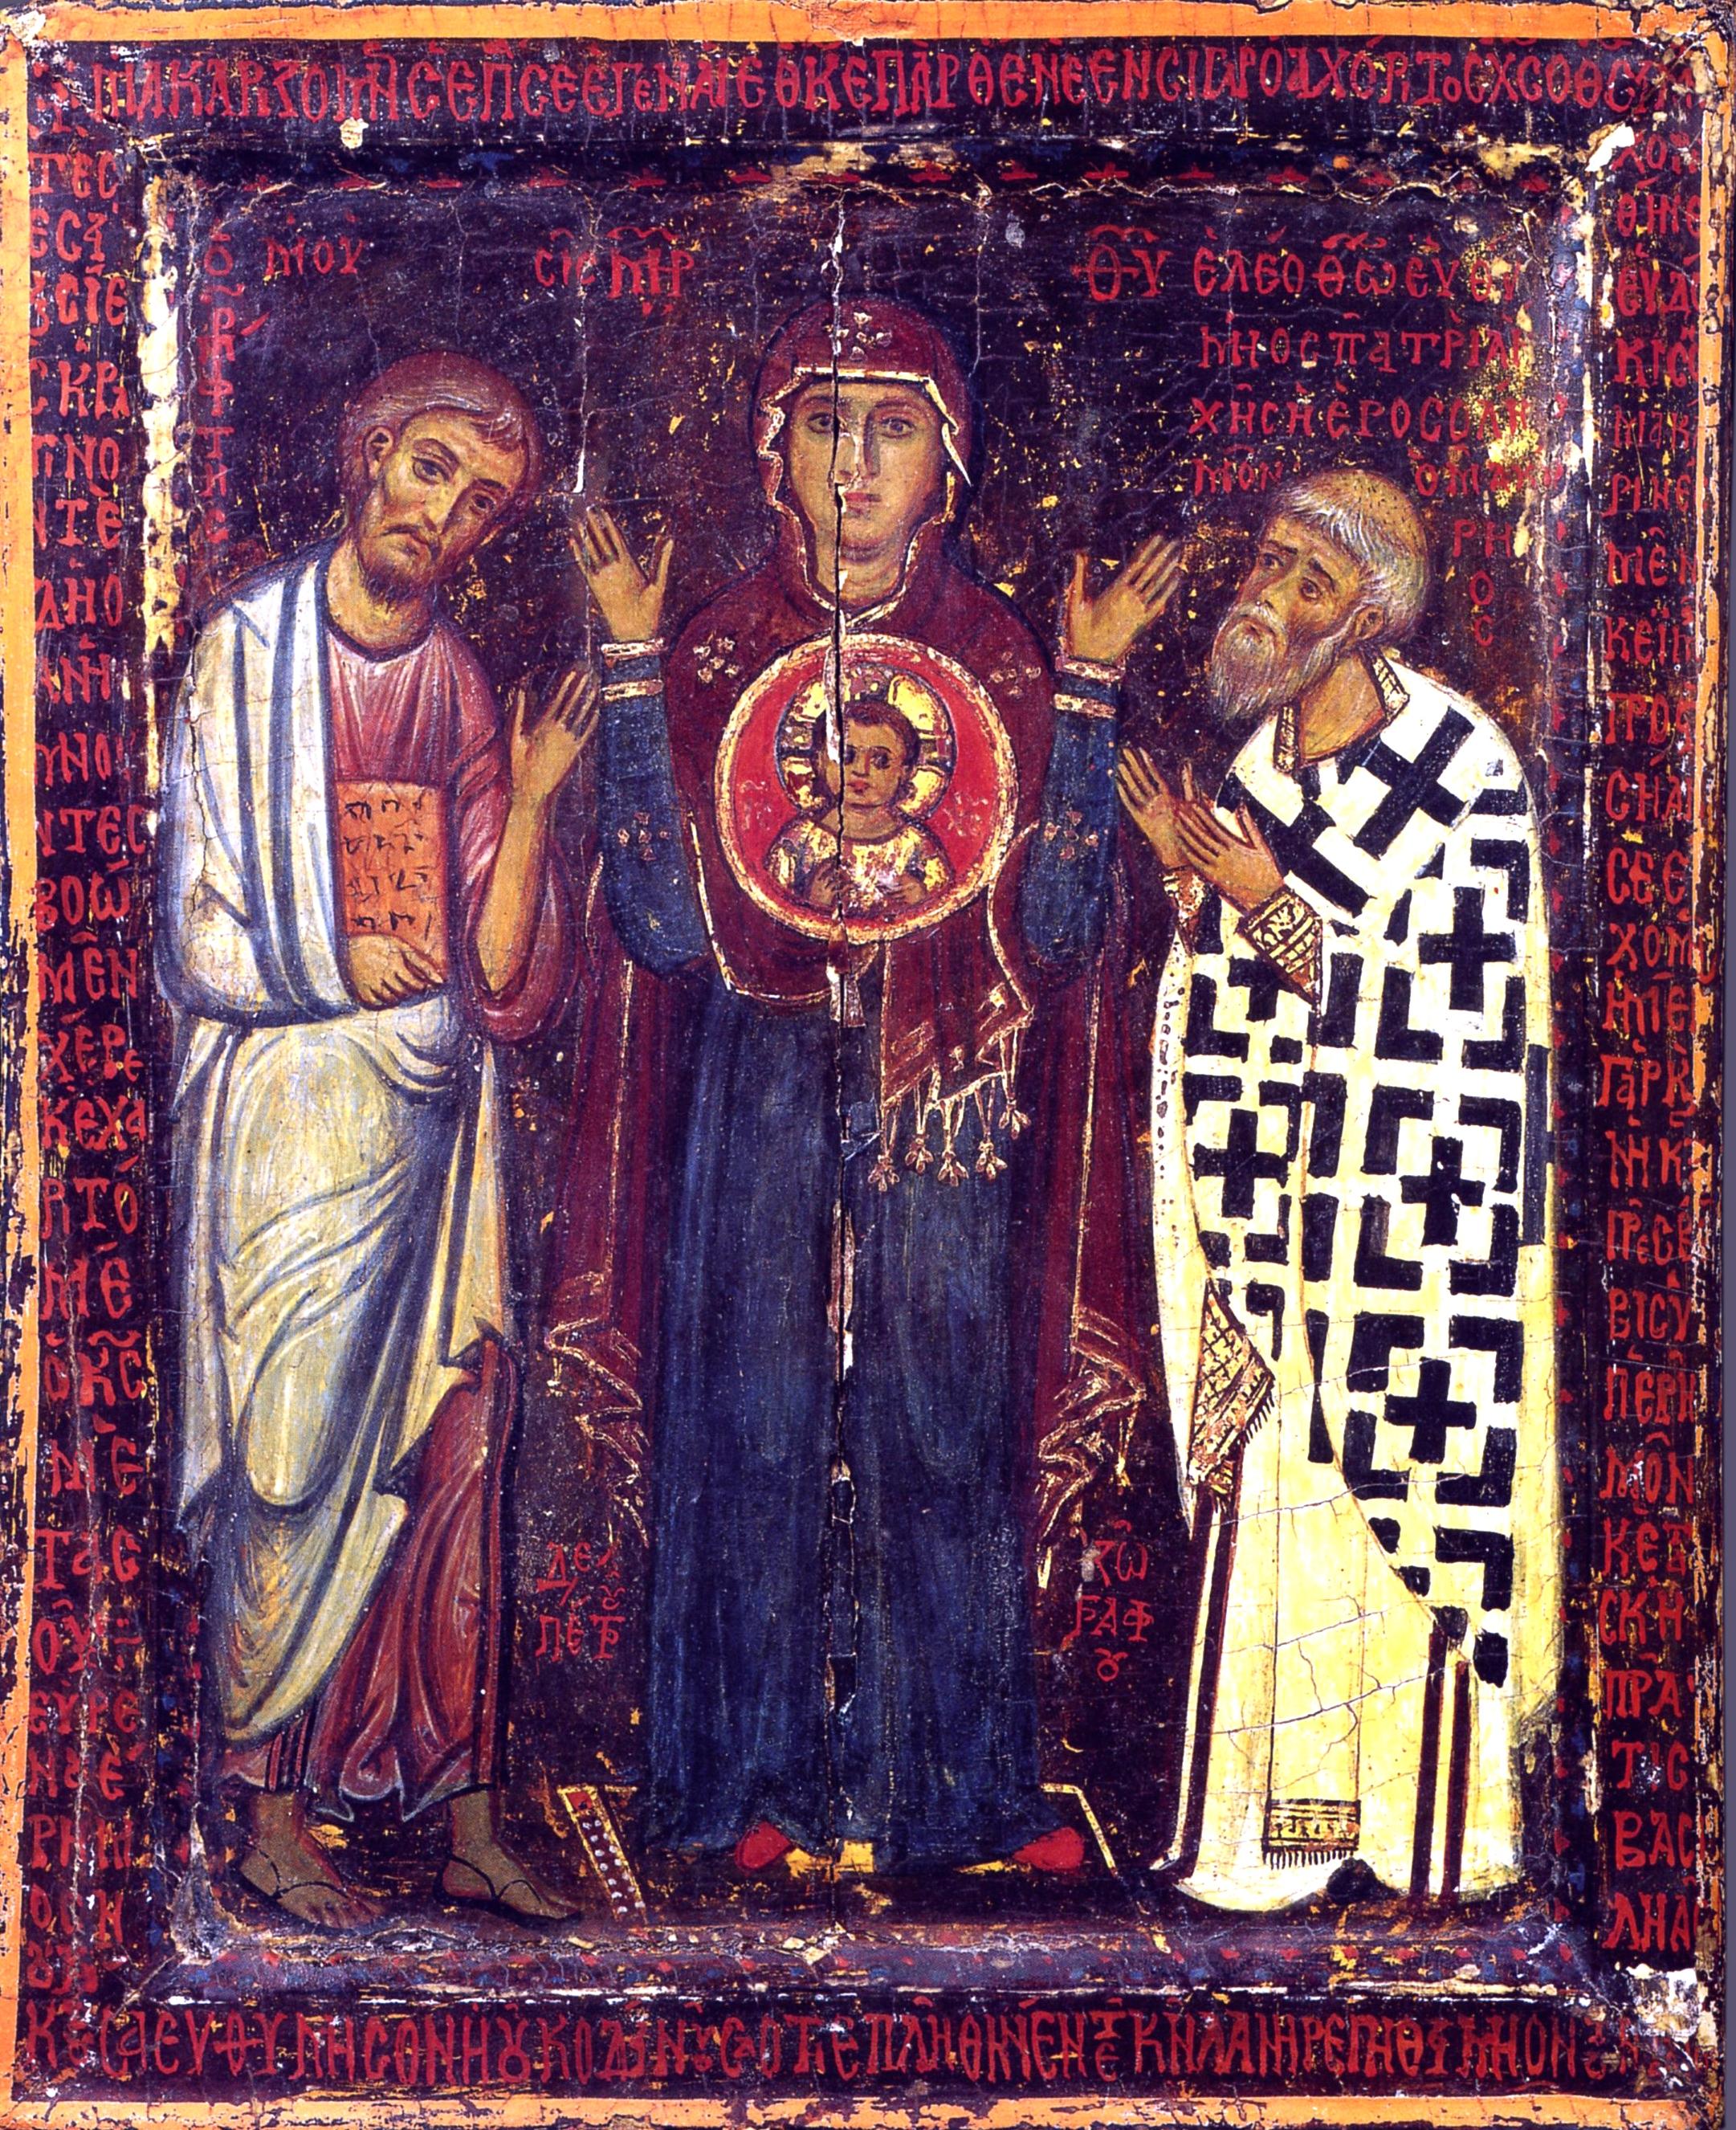 Богоматерь Влахернитисса с Пророком Моисеем и Патриархом Иерусалимским Евфимием II. После 1224 года. Иконописец Пётр. Монастырь Св. Екатерины на Синае.